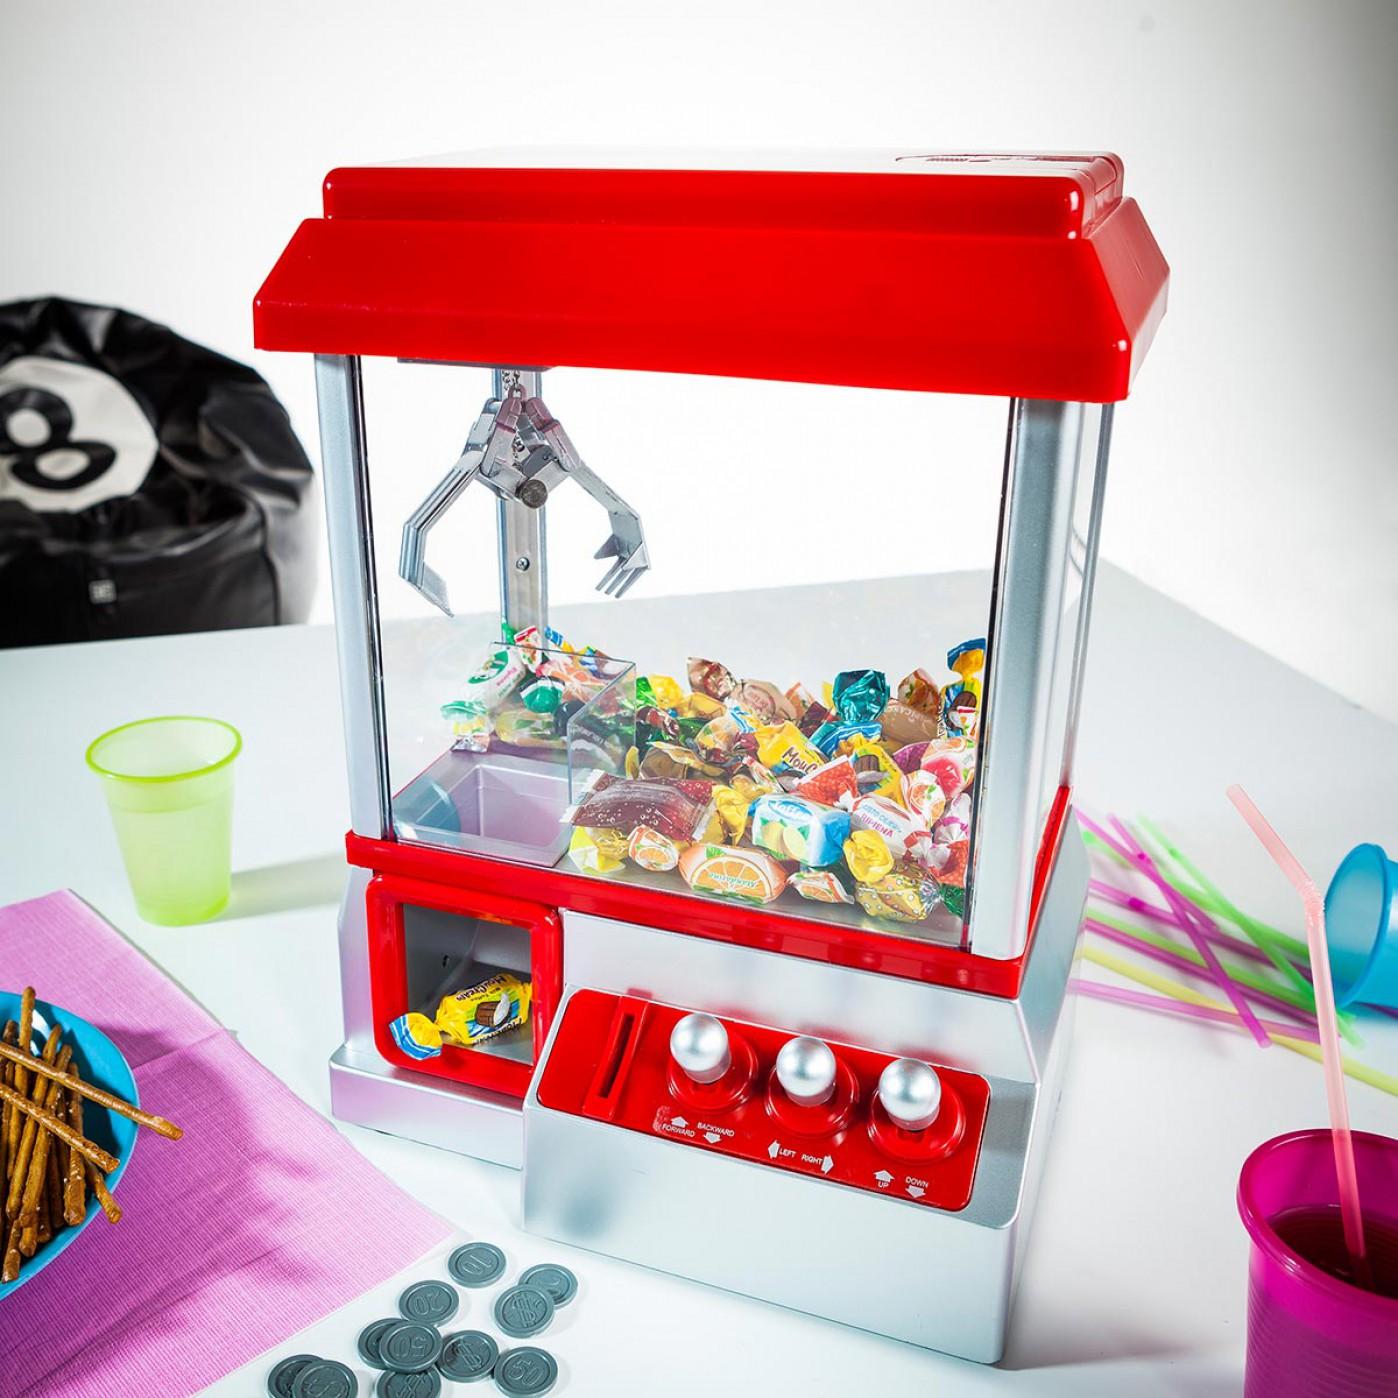 le top 10 de la shopping liste cadeau de noel pour homme jeu chut maman bavarde. Black Bedroom Furniture Sets. Home Design Ideas